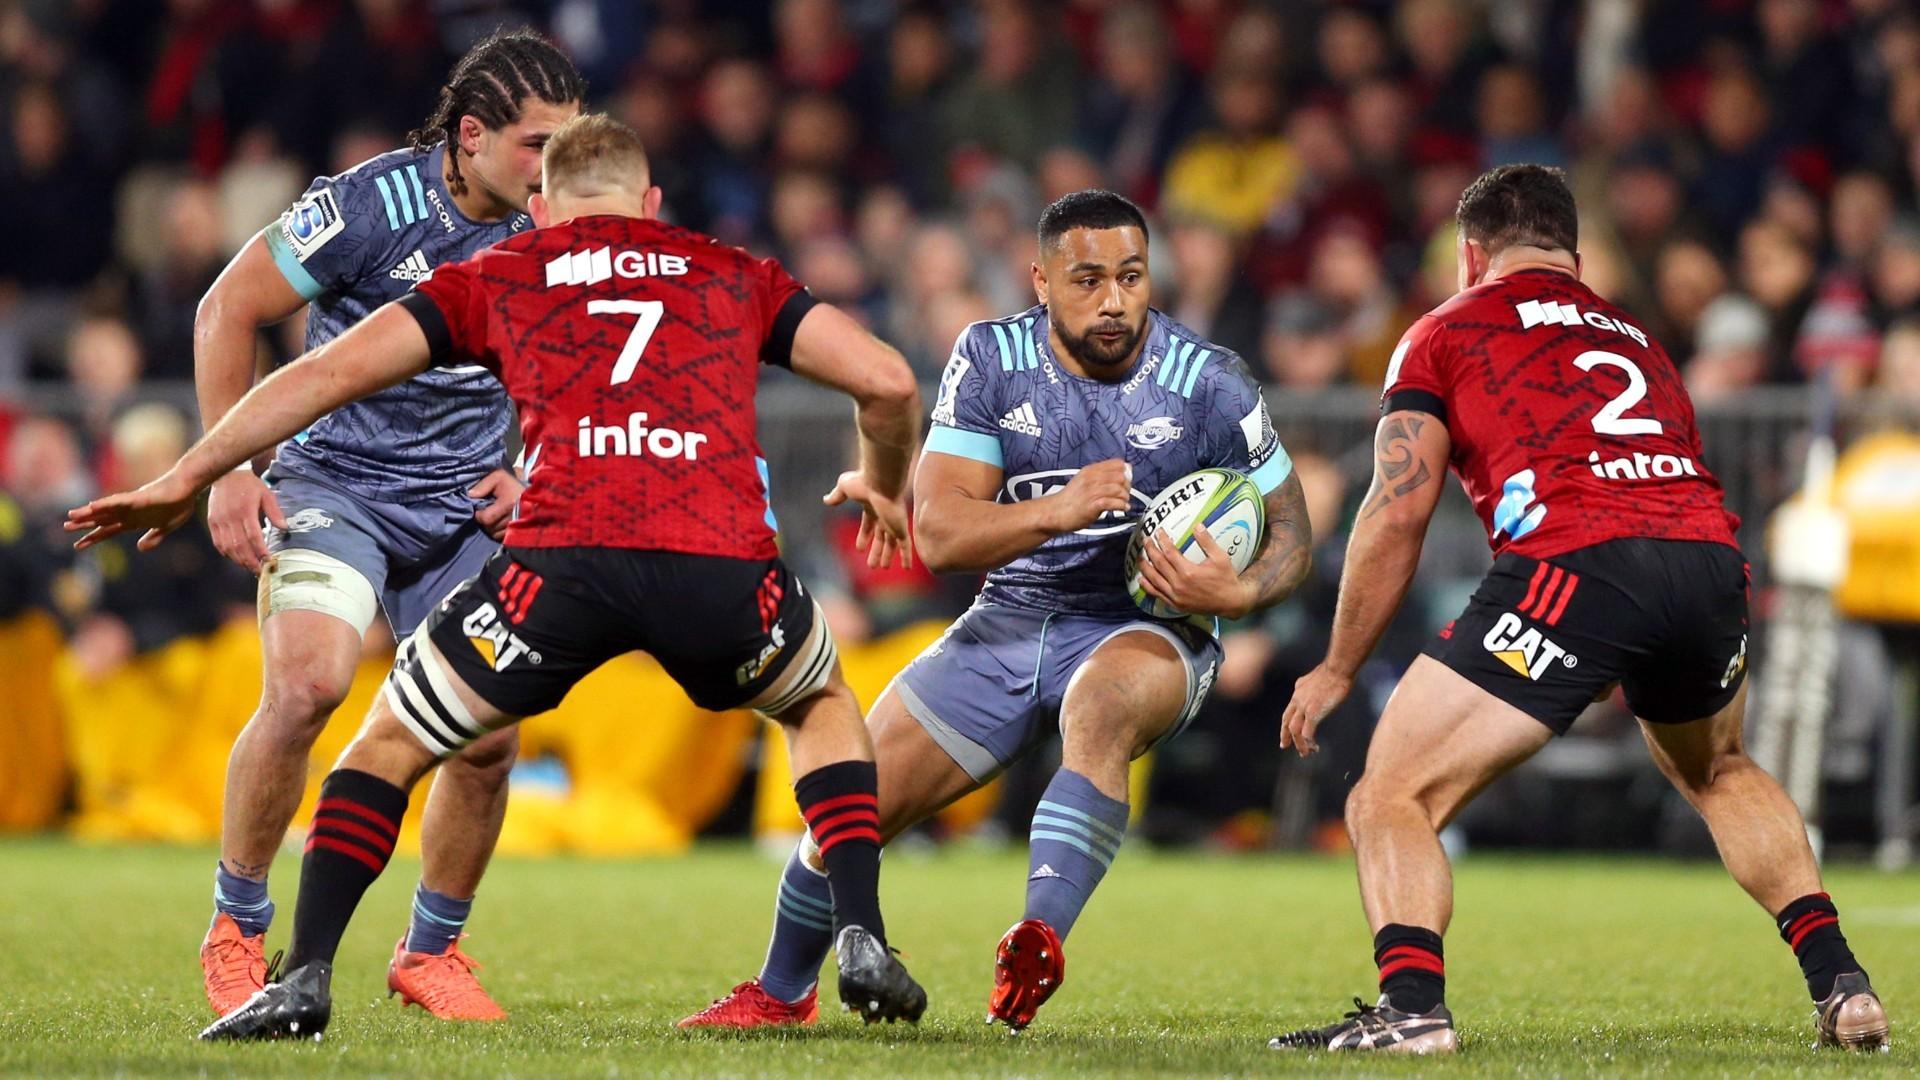 Crusaders y Brumbies lideran sus respectivos torneos de Súper Rugby